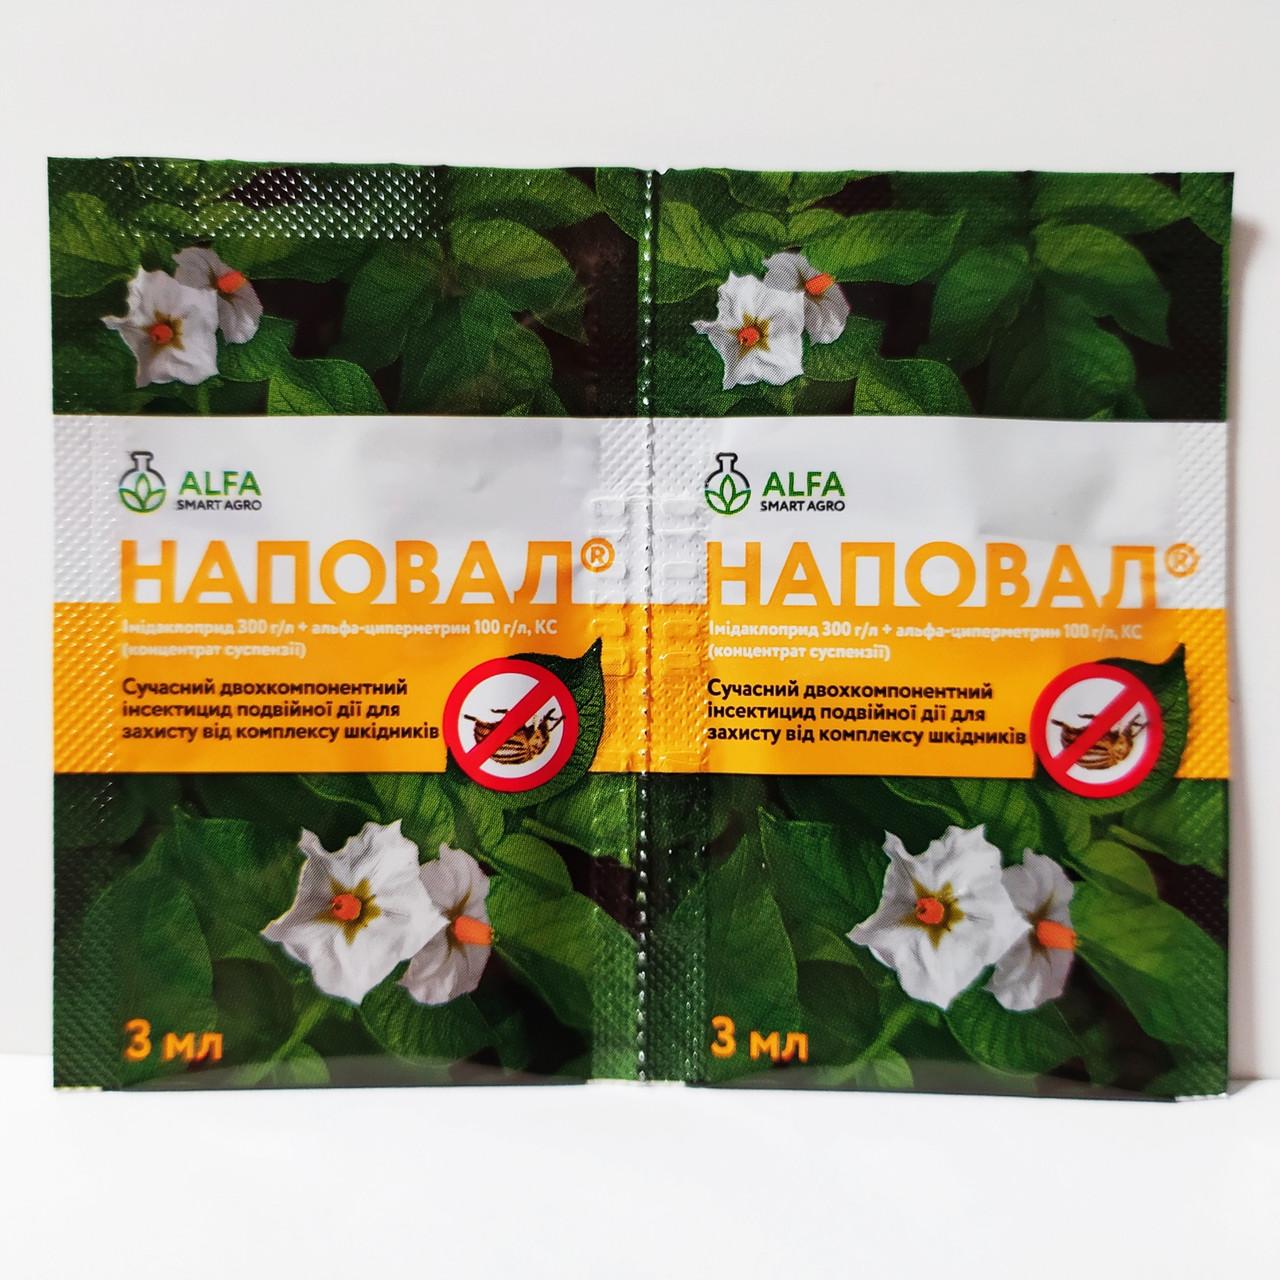 Инсектицид Наповал к.с. 3 мл ALFA Smart Agro 1116